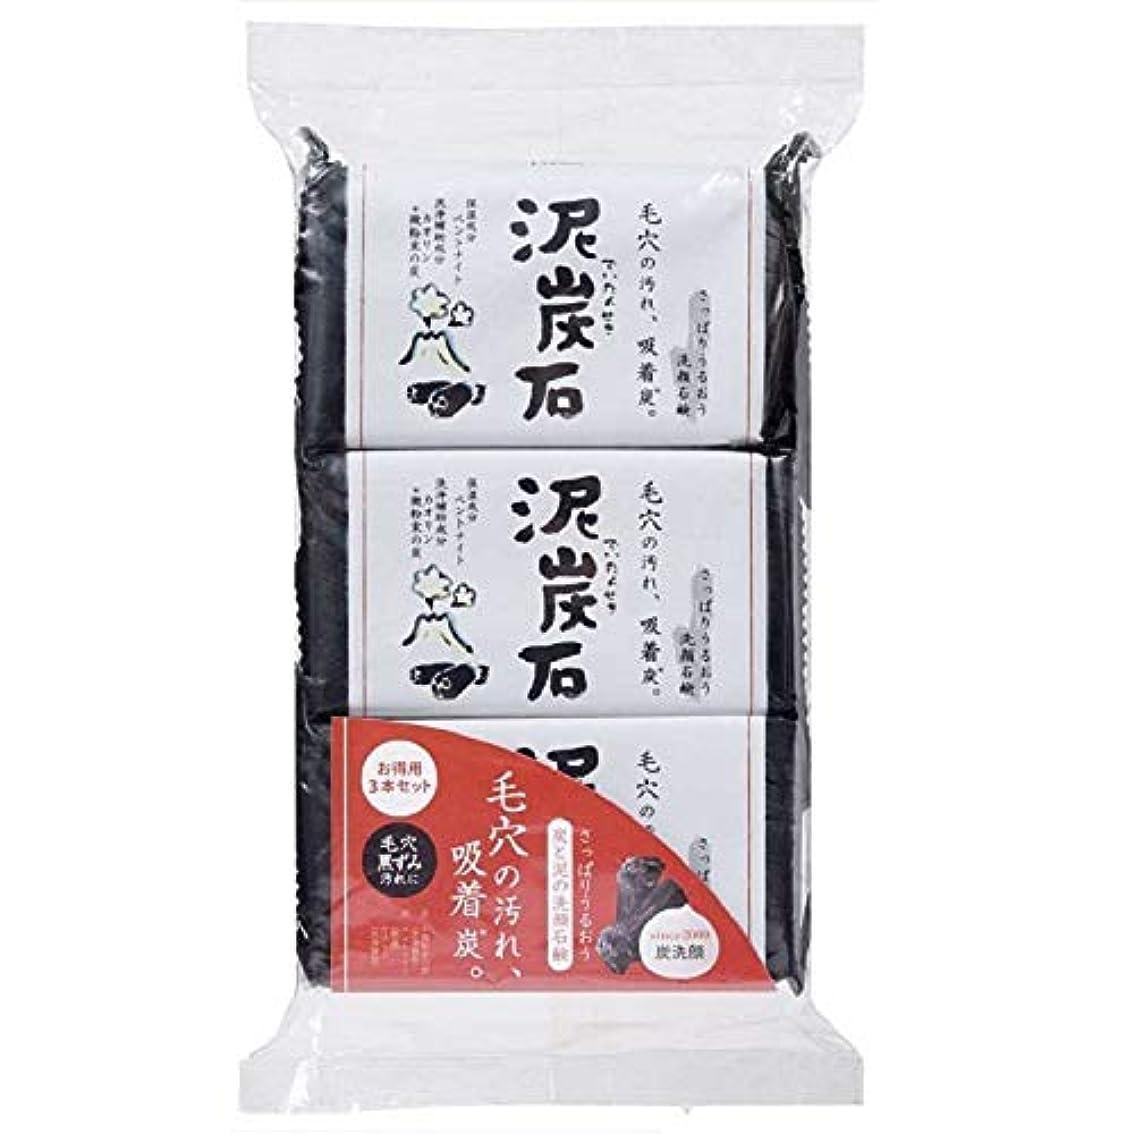 時期尚早アスリート報奨金【セット品】ペリカン 泥炭石 110g*3個×3セット